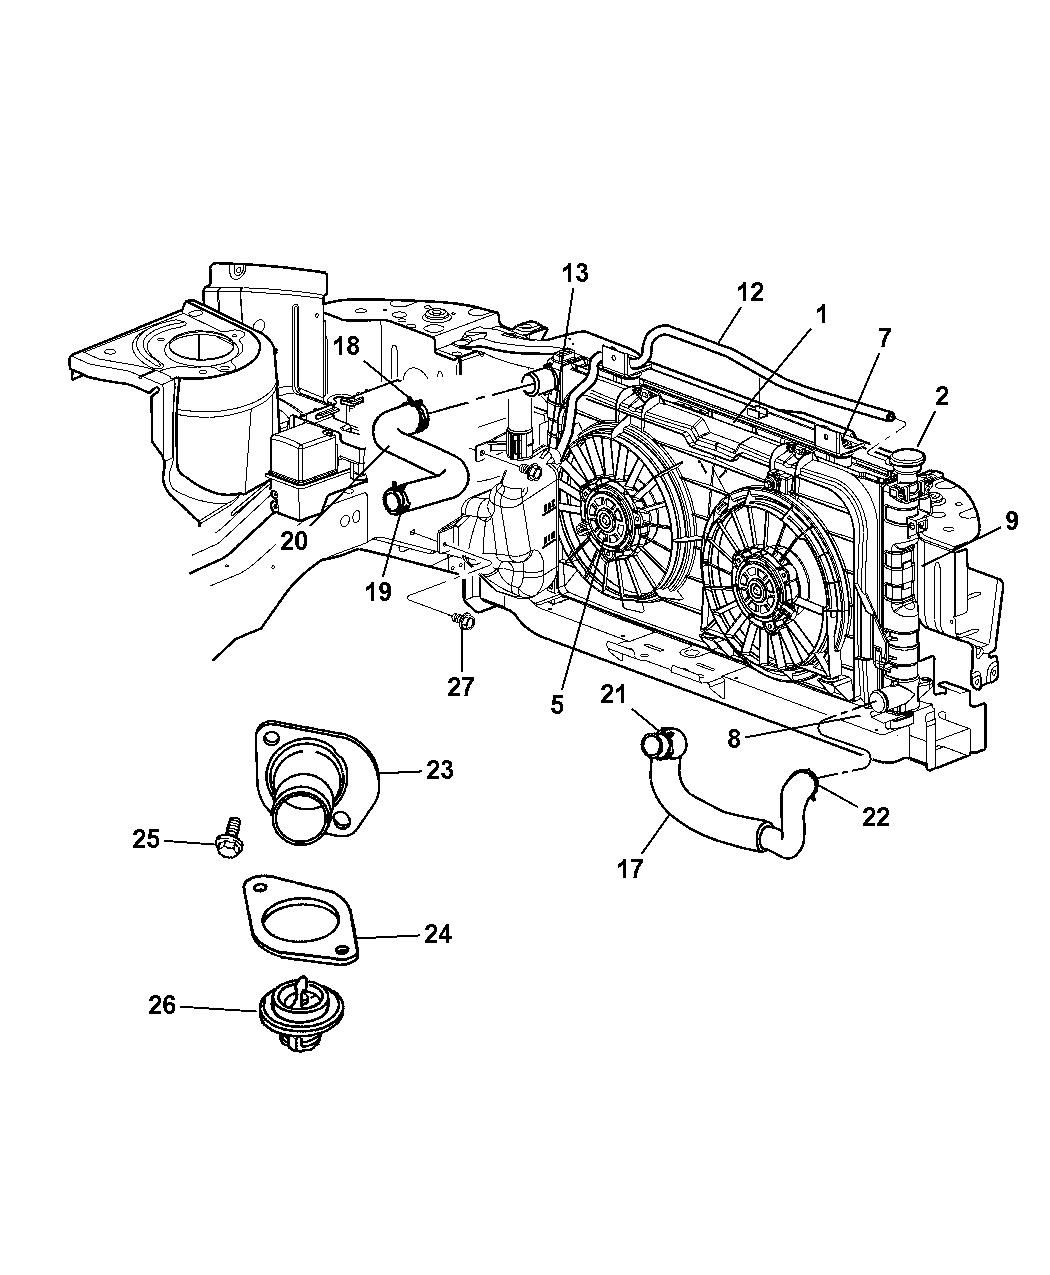 2002 Dodge Grand Caravan Radiator & Related Parts